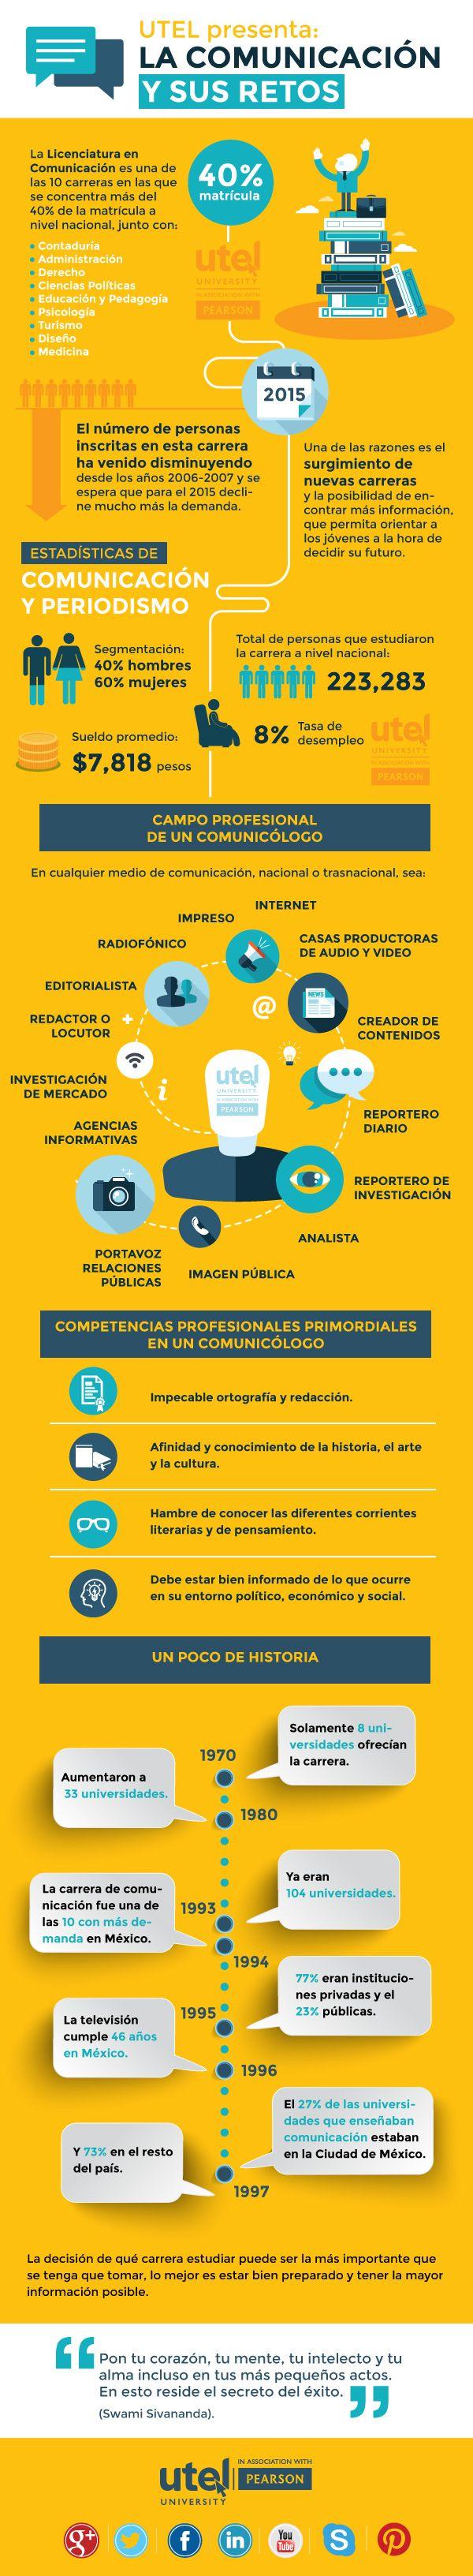 La Comunicación y sus retos #infografia #infographic